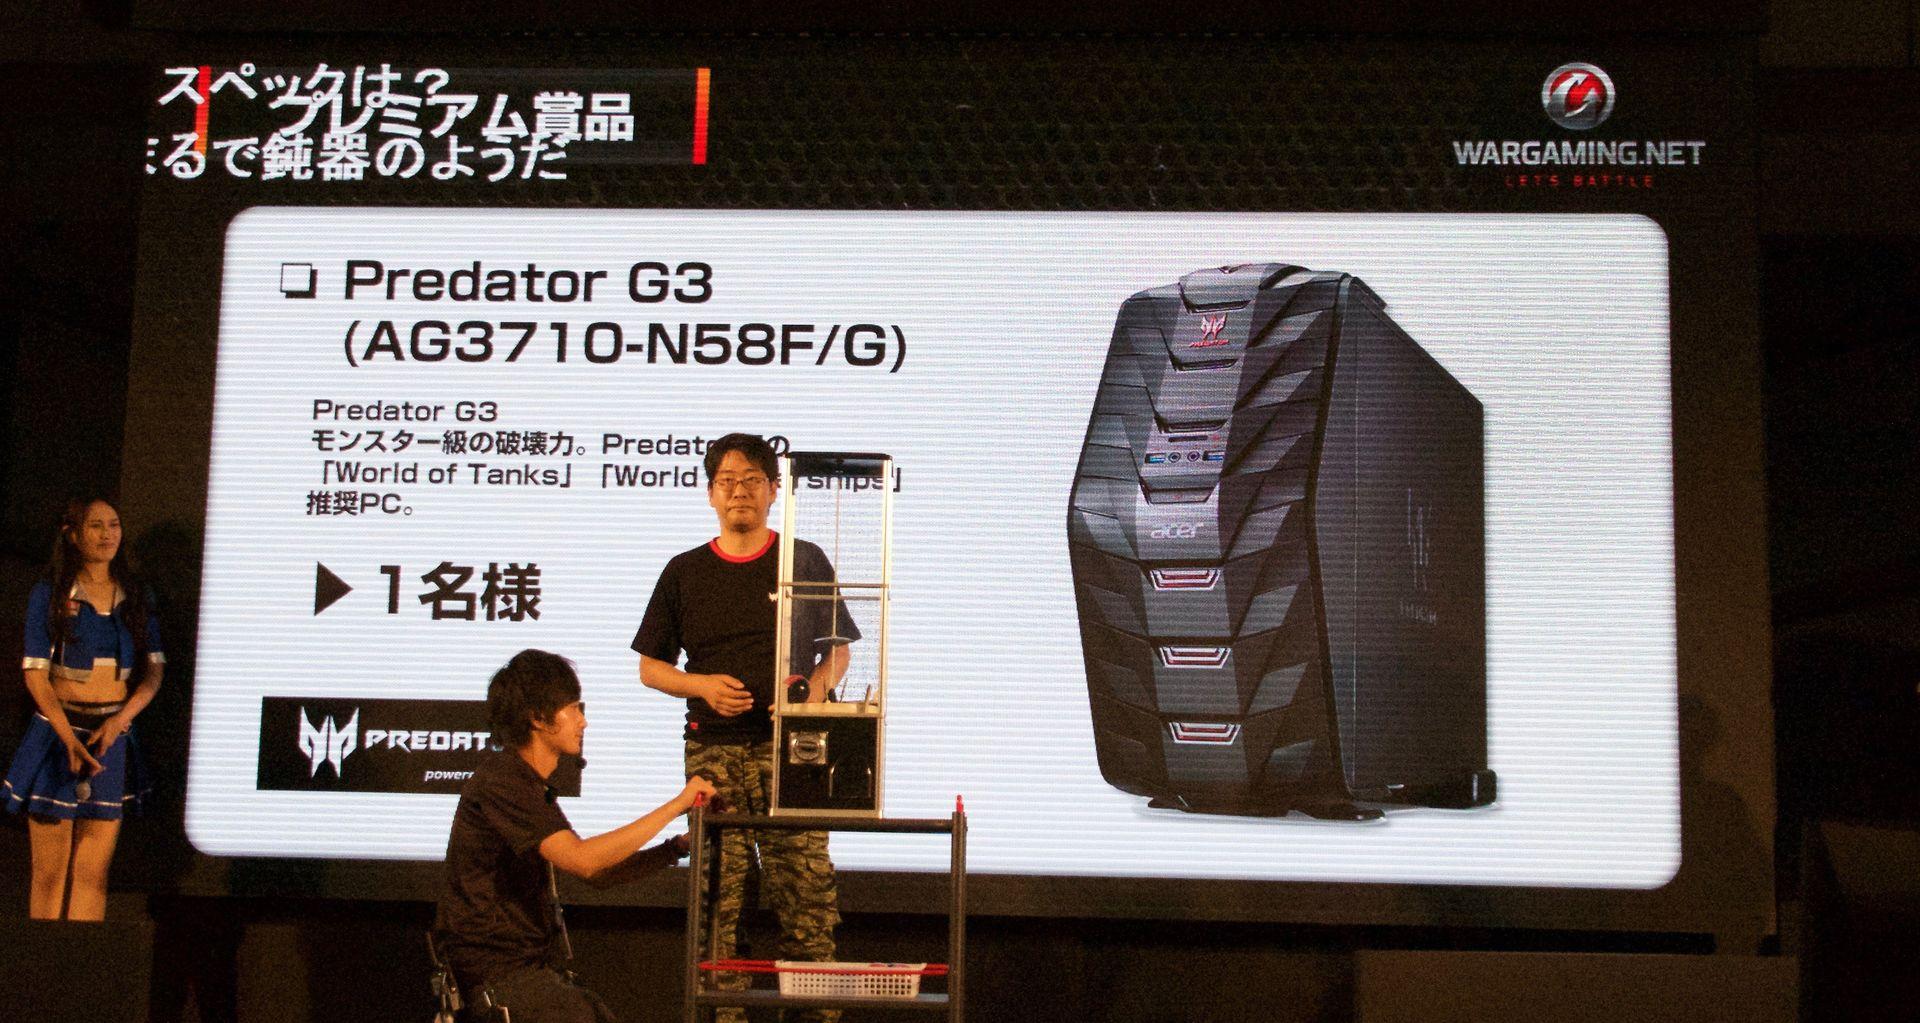 4戦で敗退したPredetorチームからは、Core i5&GTX 970を搭載したゲーミングPCが提供された